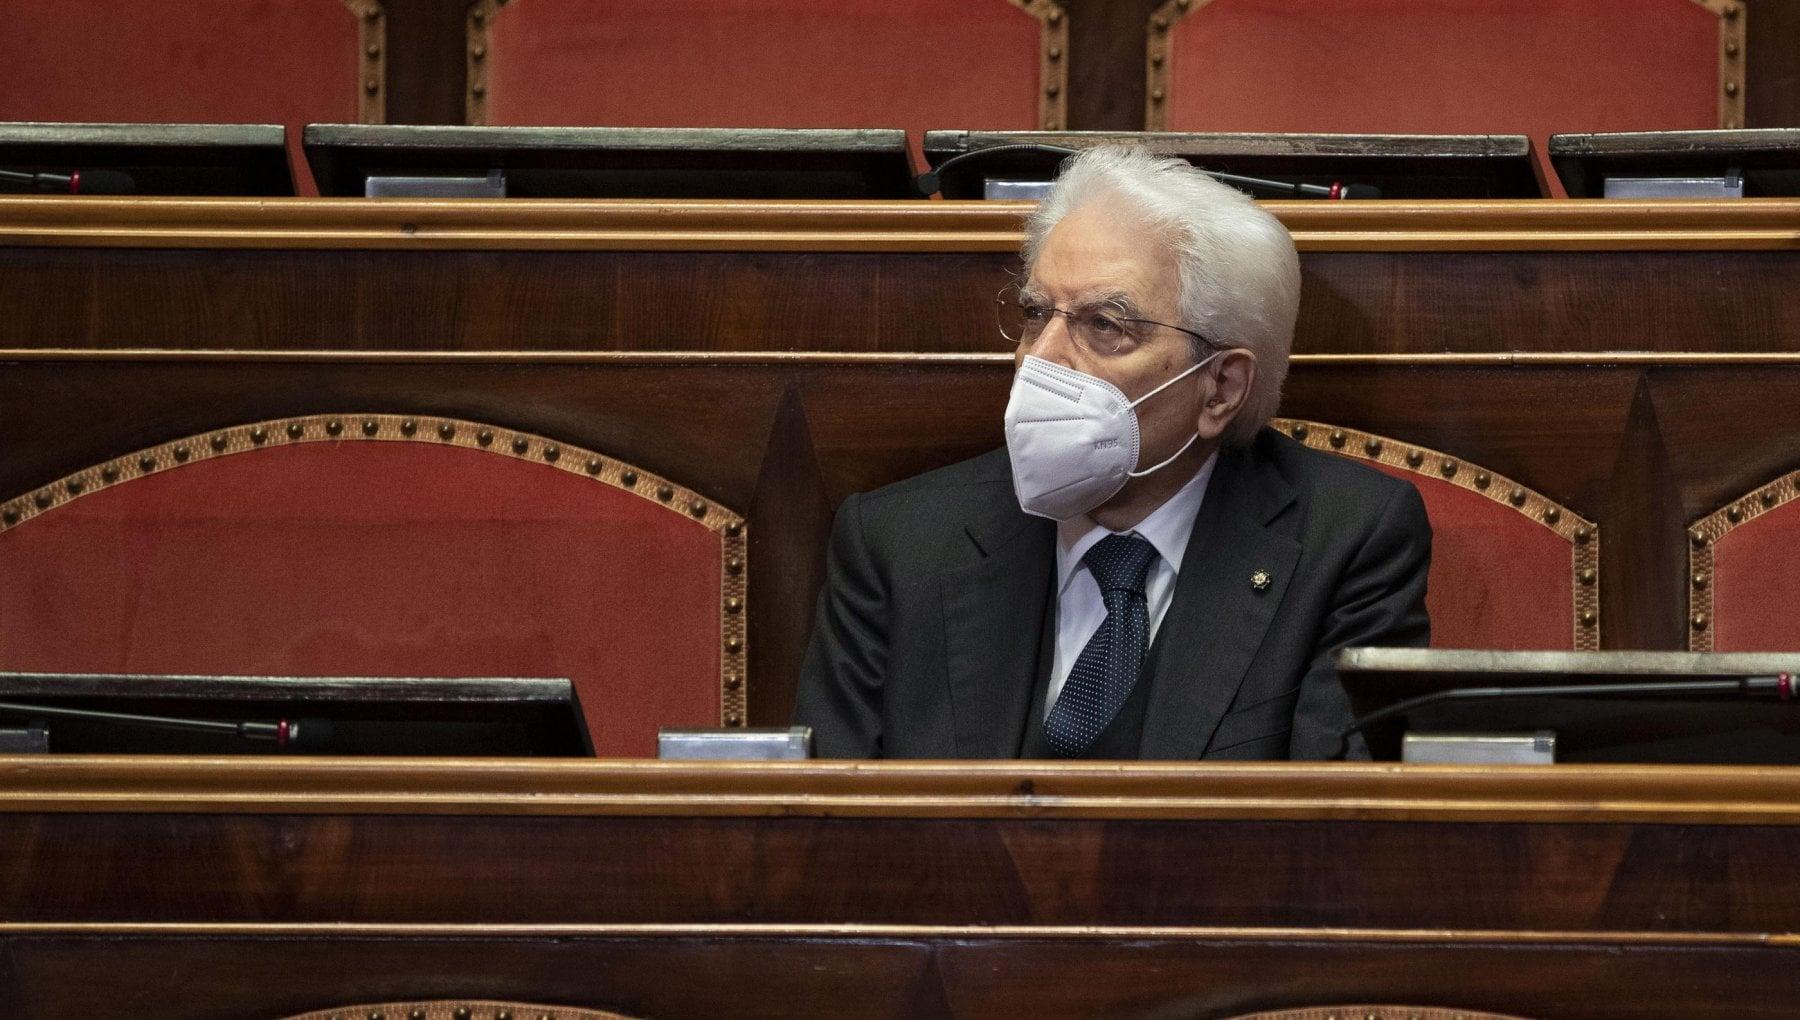 Offese via web a Mattarella, in corso nuove perquisizioni in tutta Italia: 11 indagati dalla procura di Roma